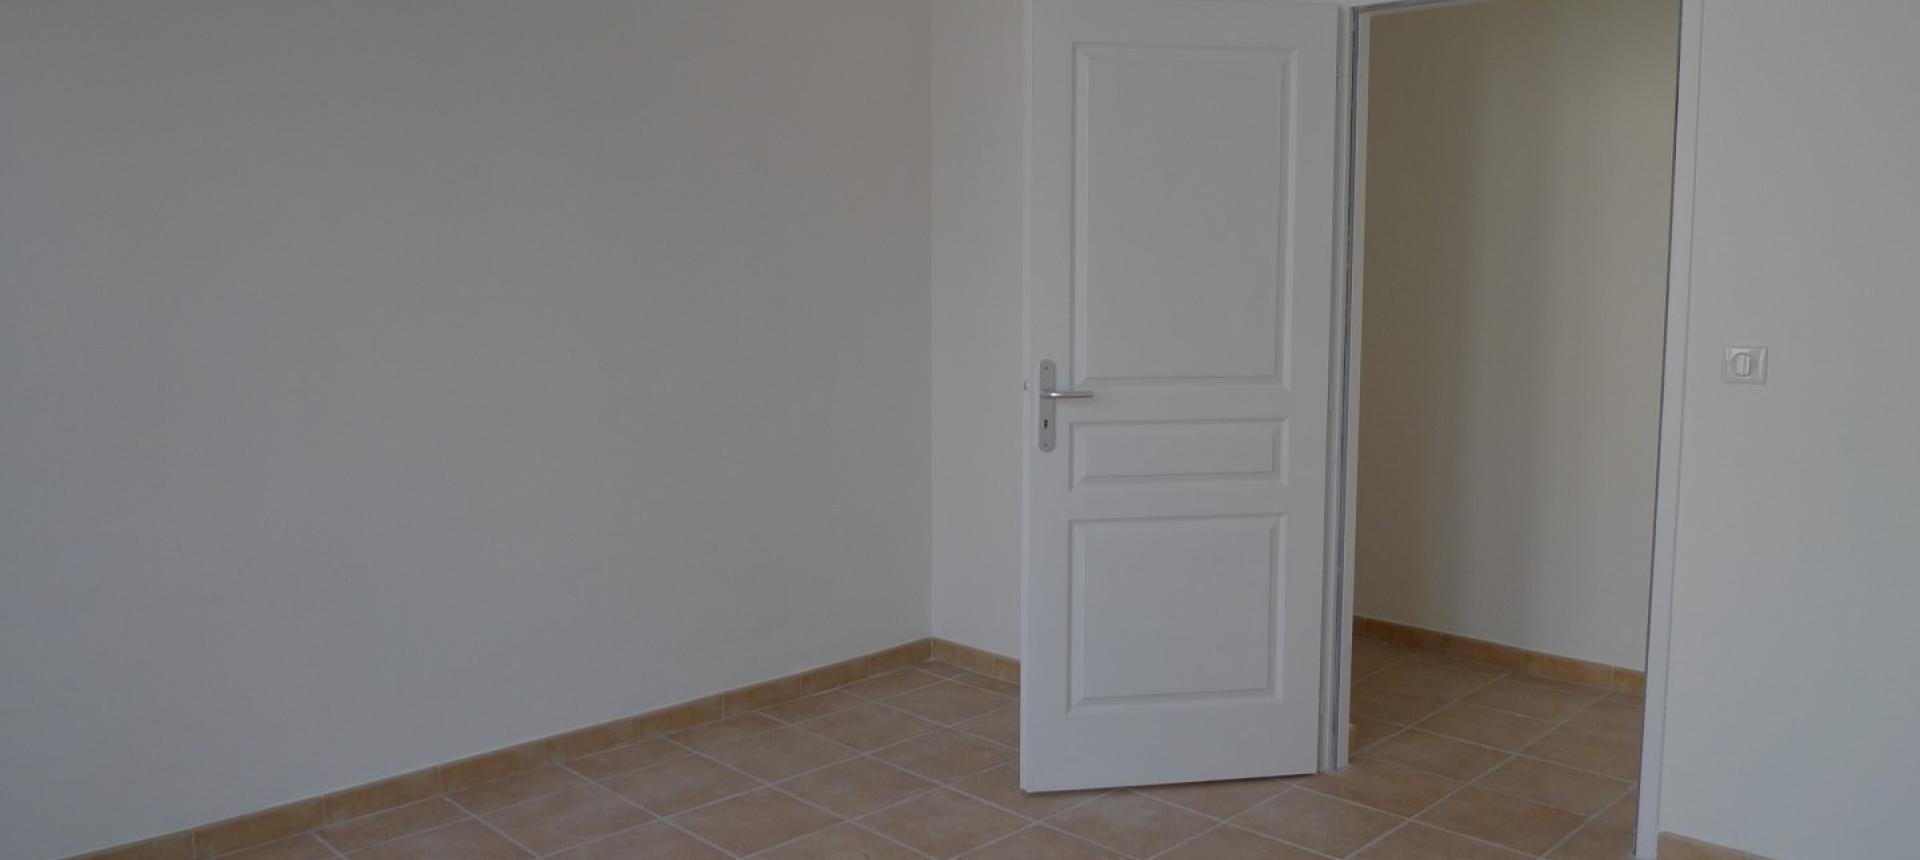 A LOUER F3 JEAN NICOLI Chambre